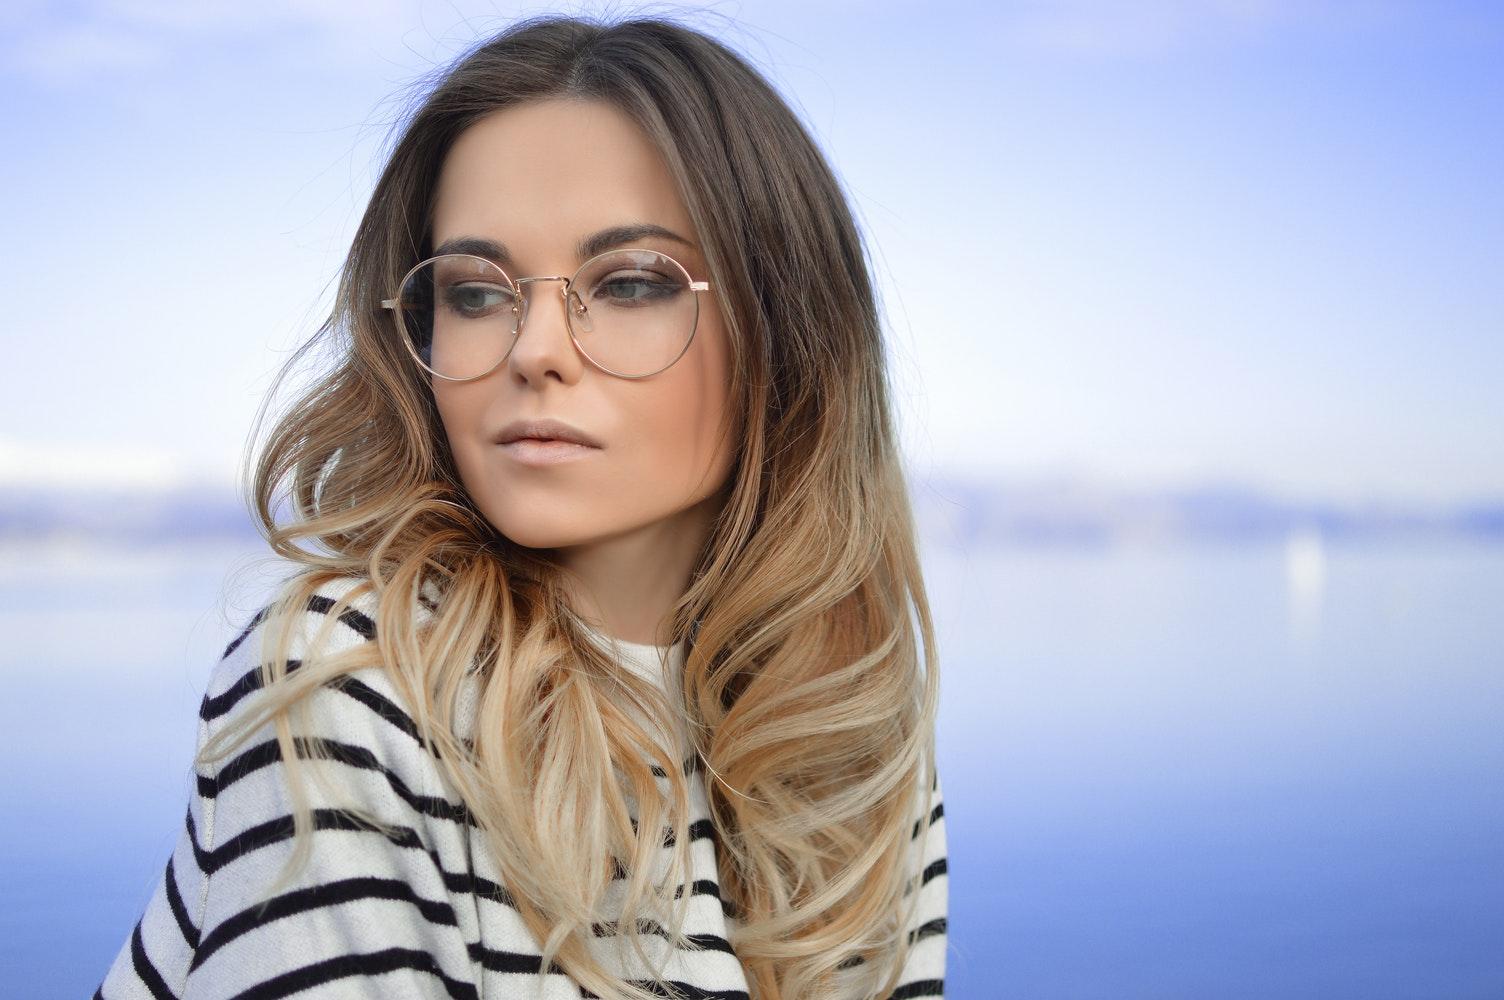 portrait of blond girl in nerd glasses